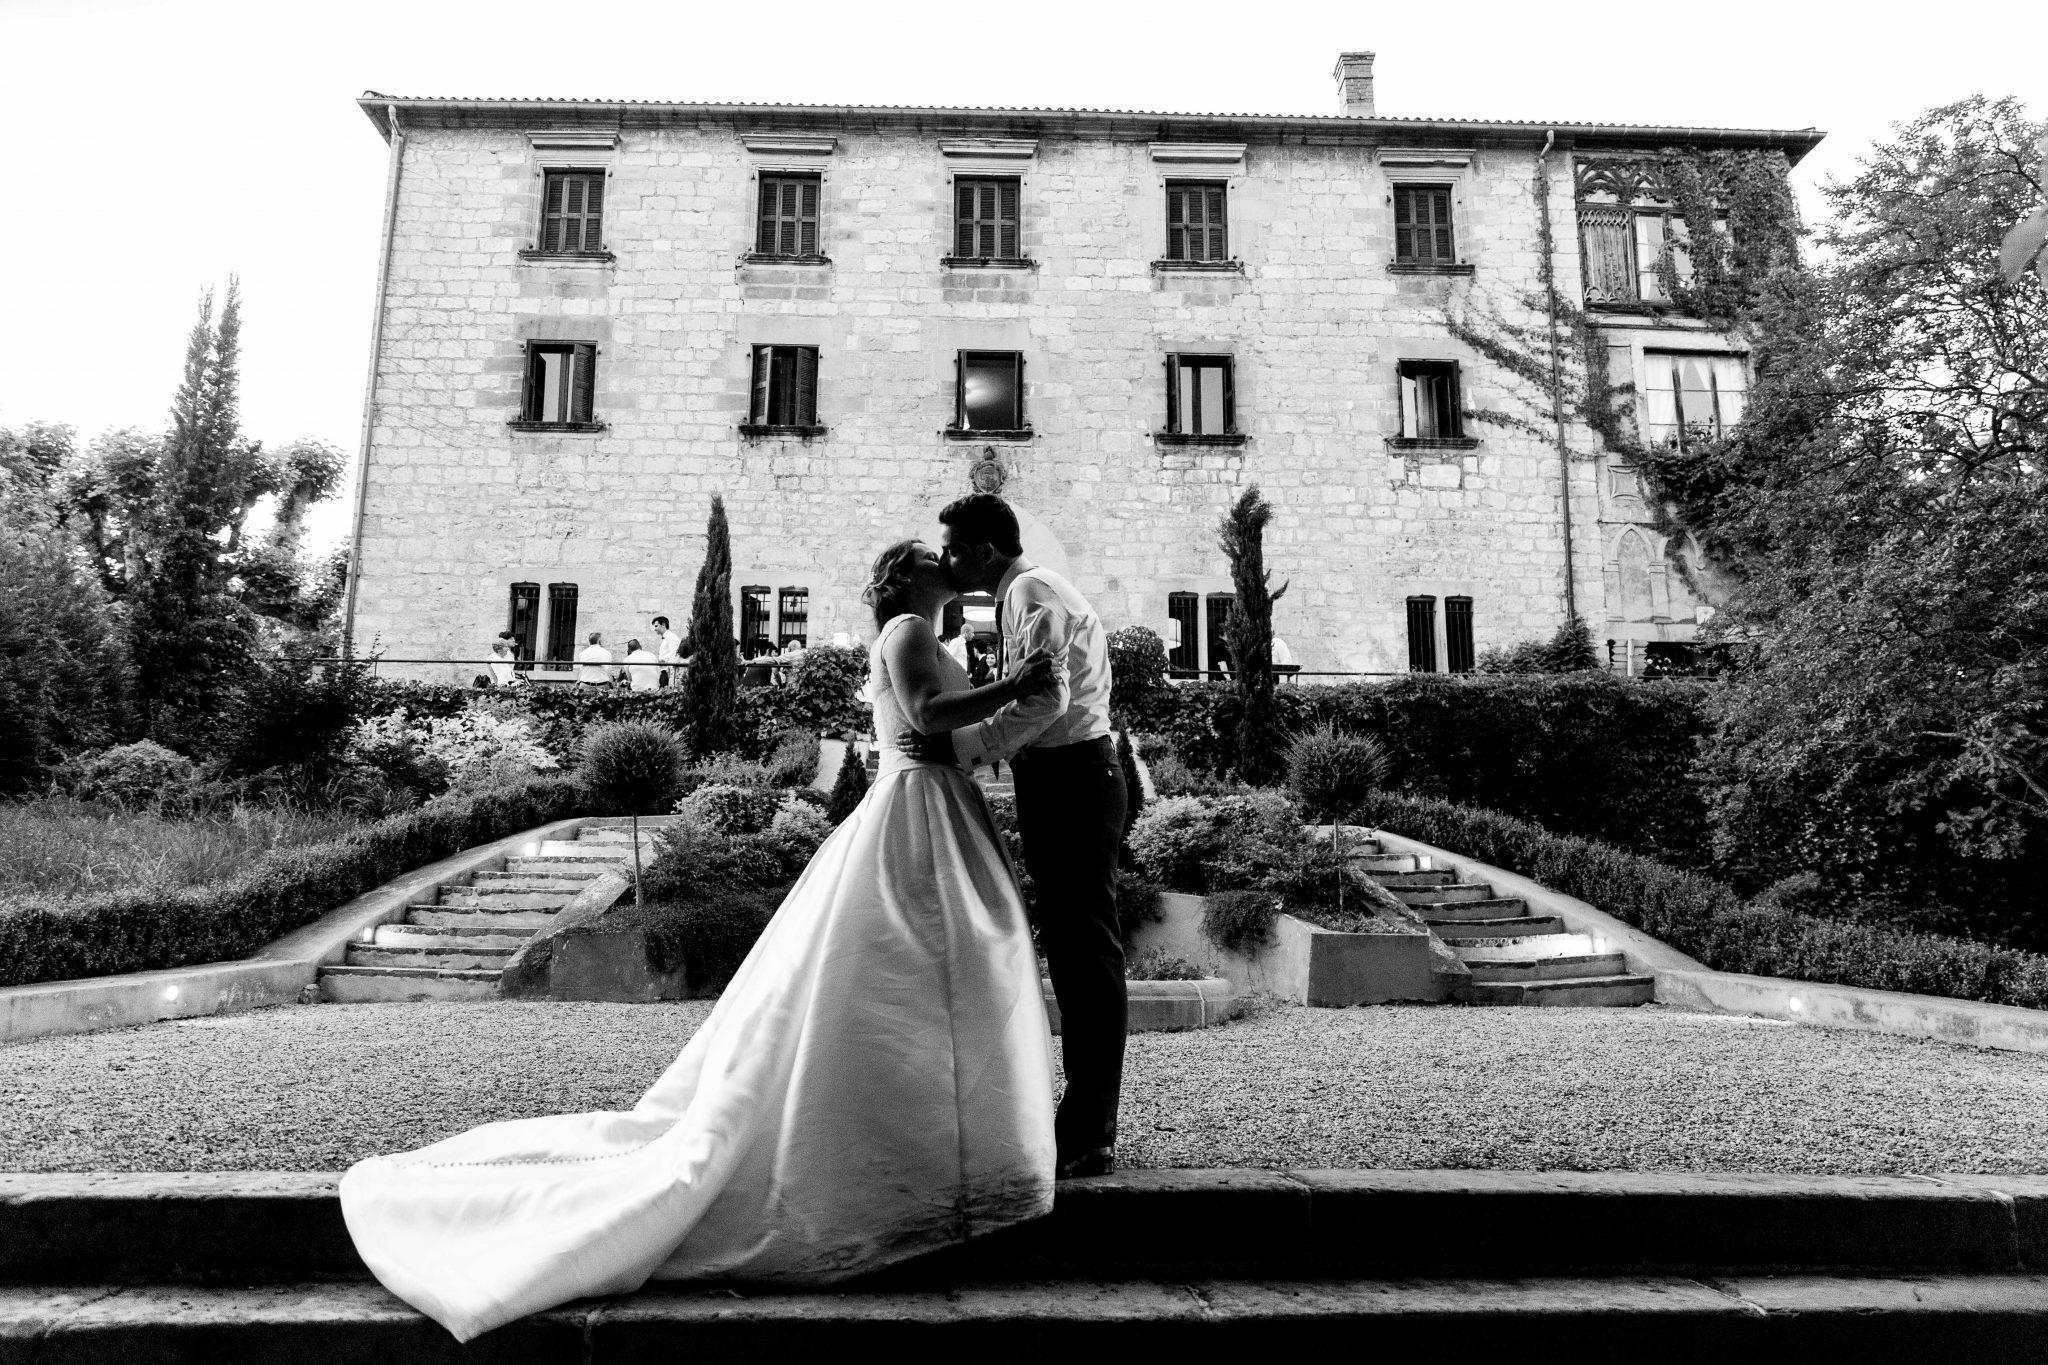 Boda en Palacio de Murguia: Miriam & Paolo